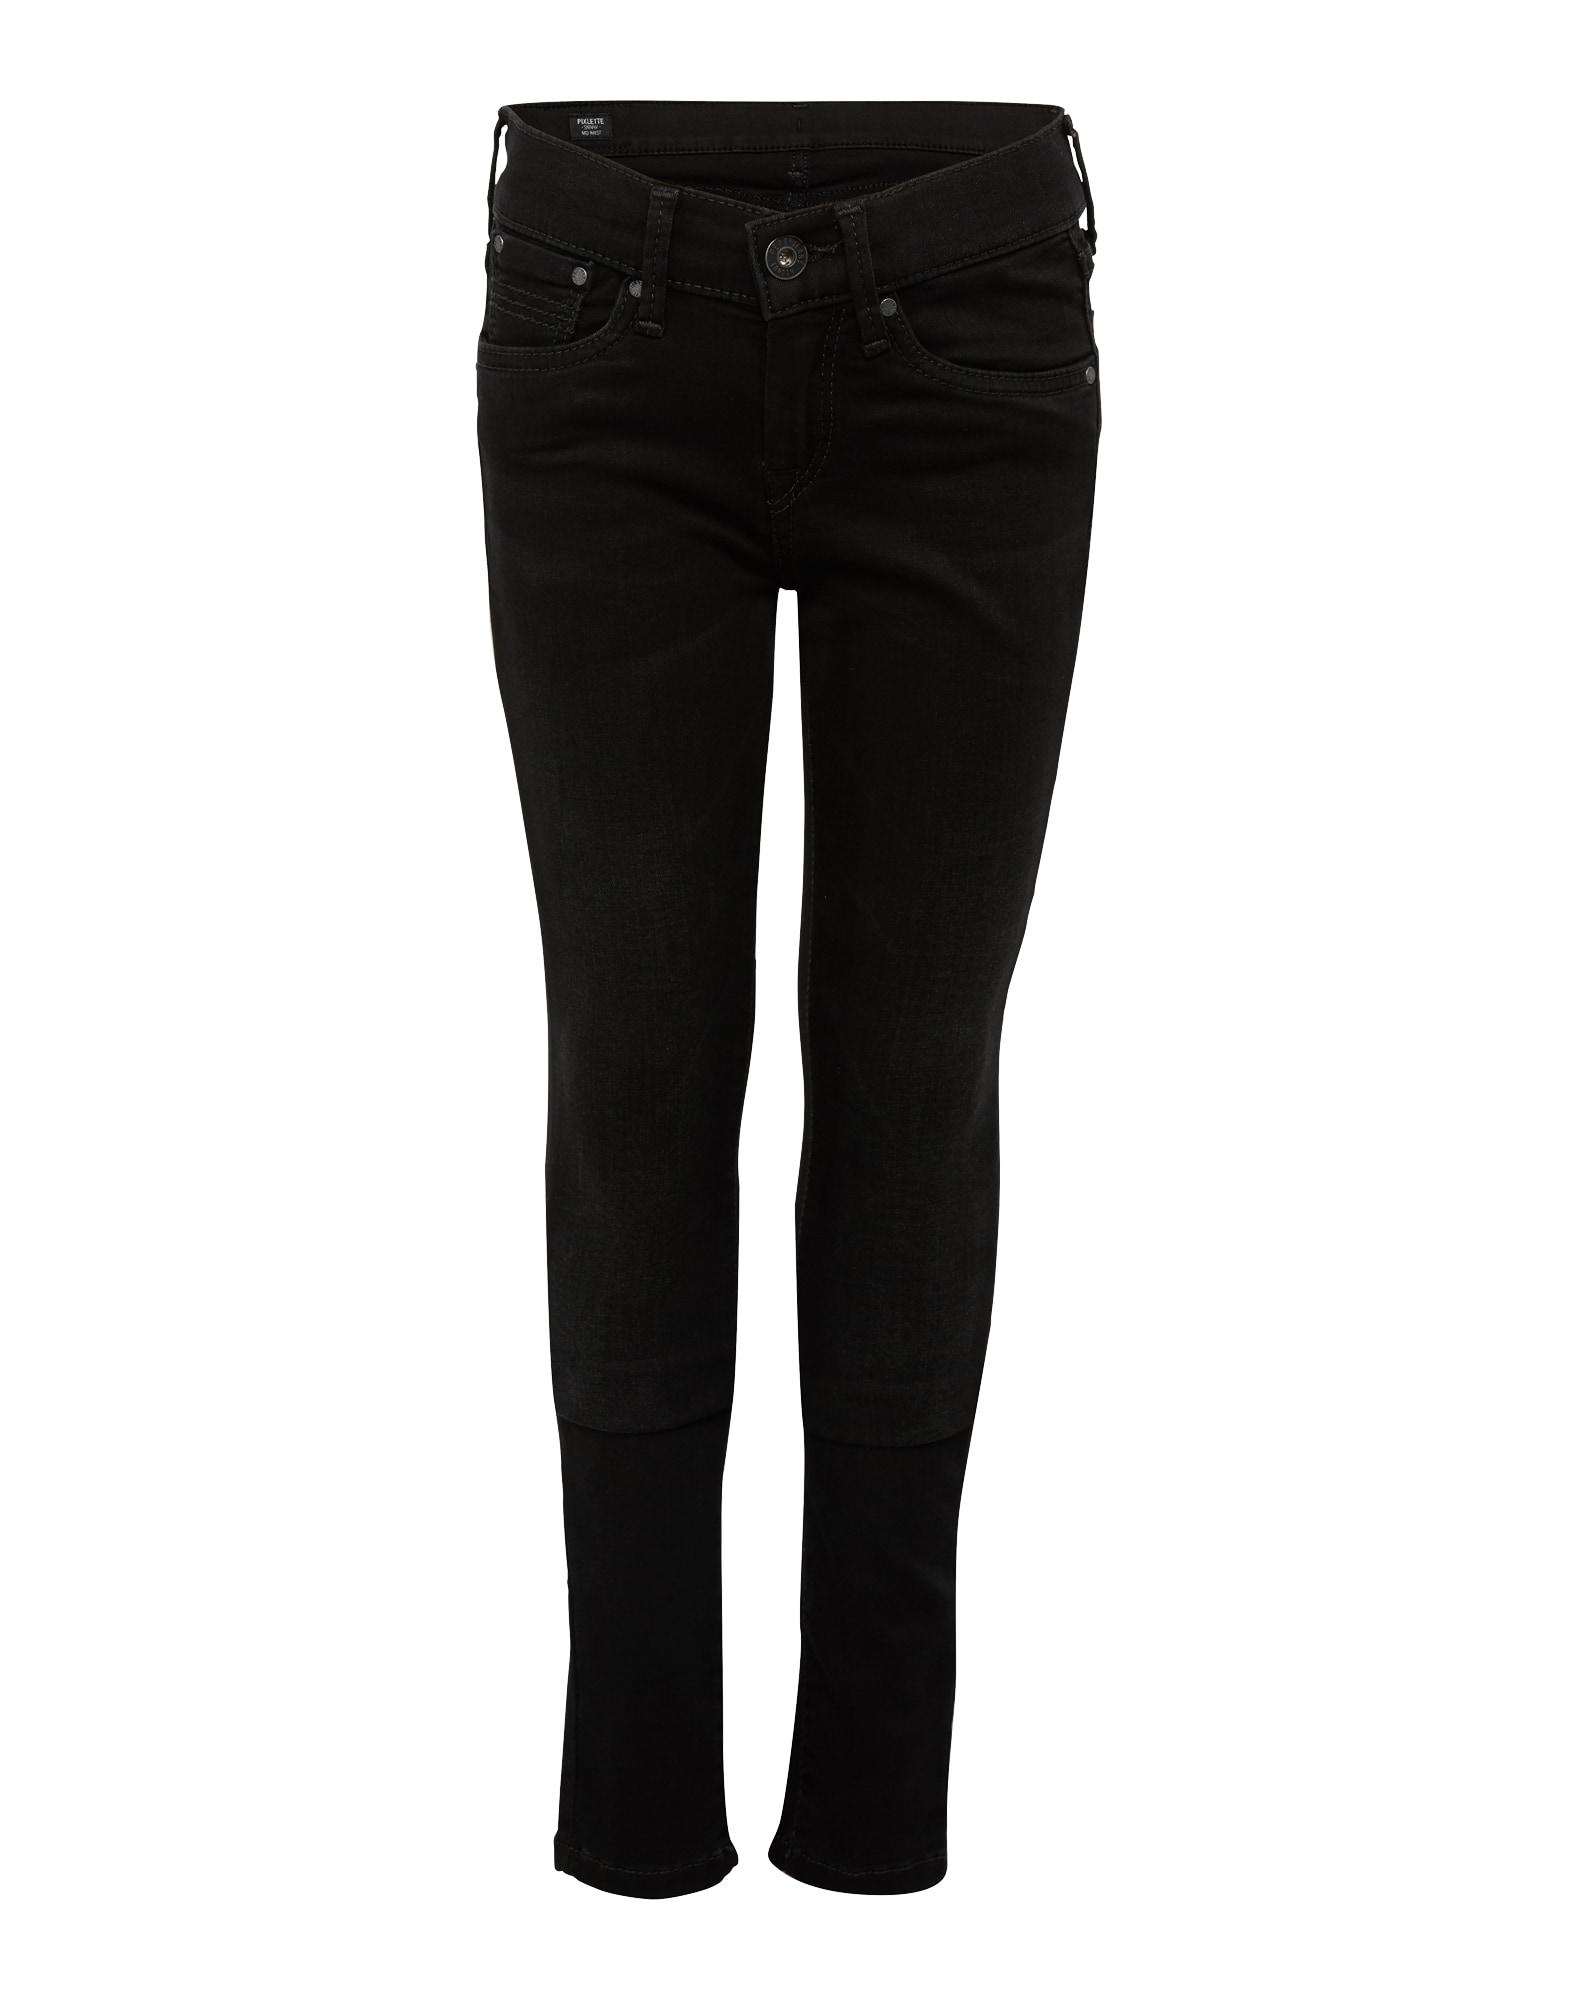 Pepe Jeans Meisjes Jeans PIXLETTE black denim